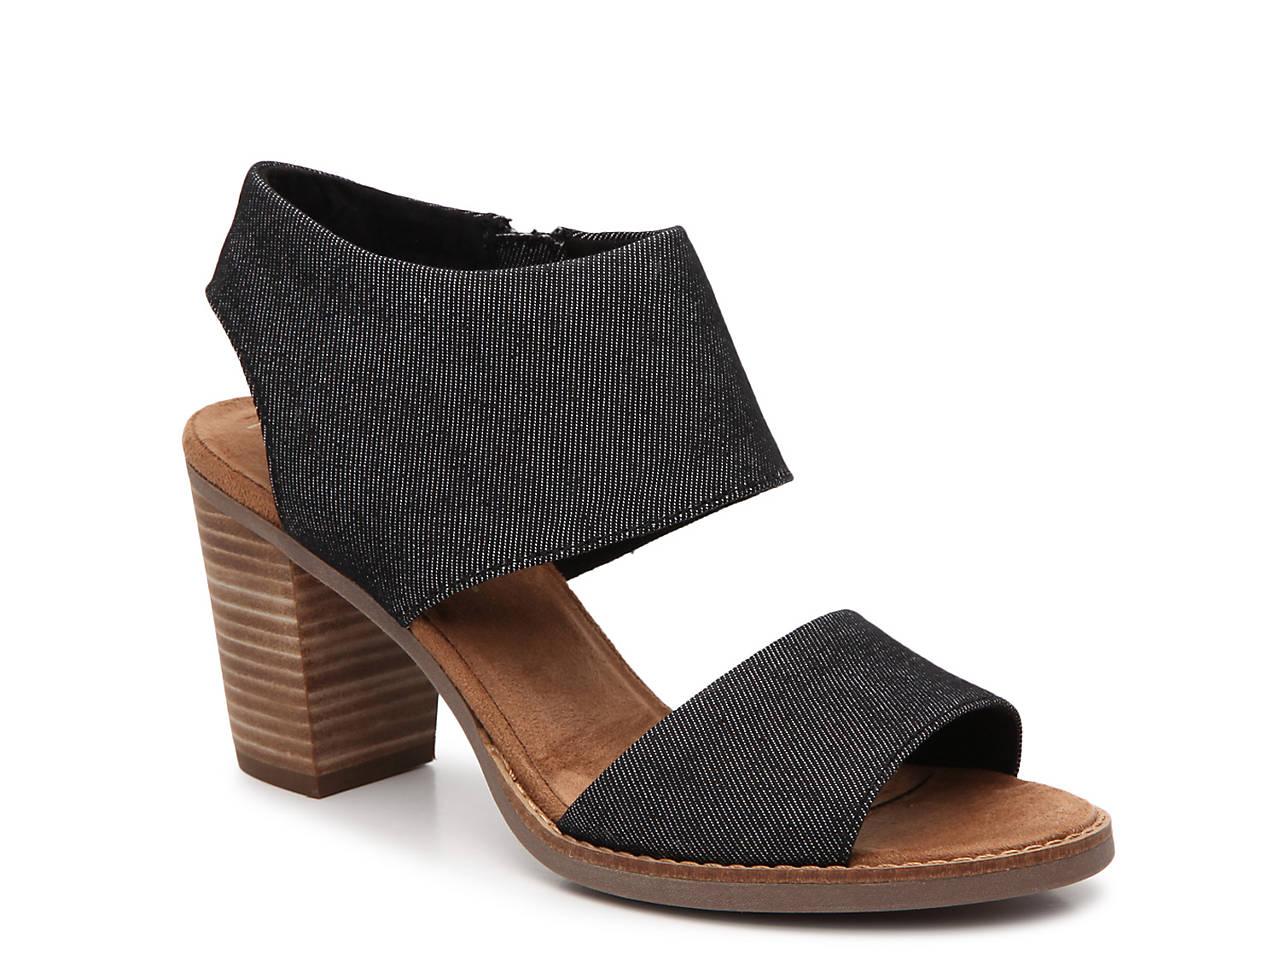 0c1e7a15e52 TOMS Majorca Sandal Women s Shoes